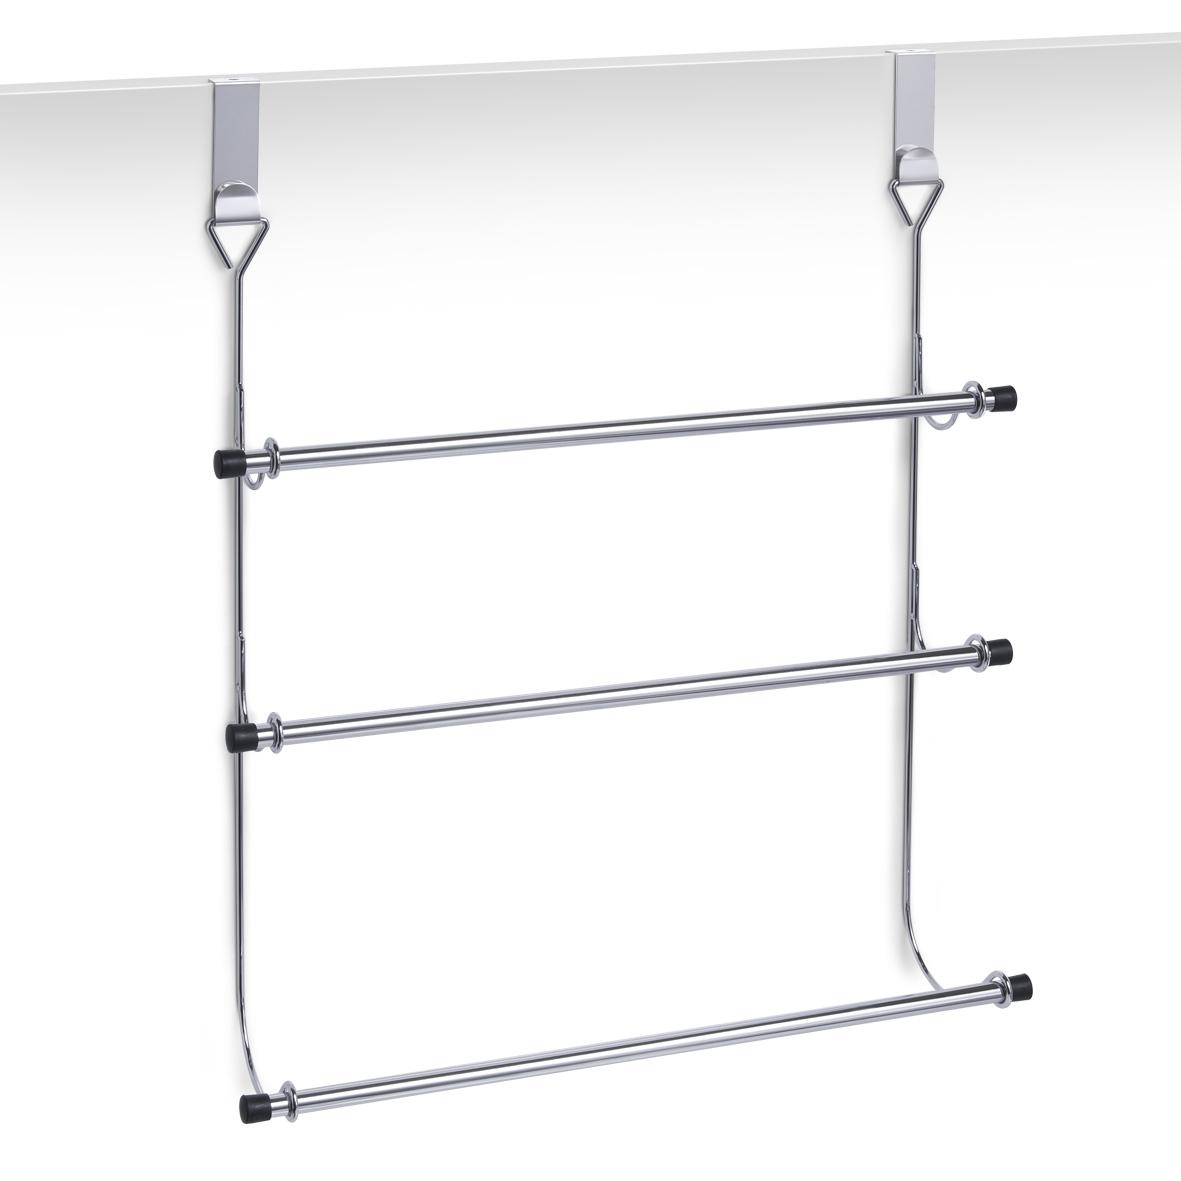 Suport de usa pentru prosoape, Stand Metal cromat, l47,5xH56 cm